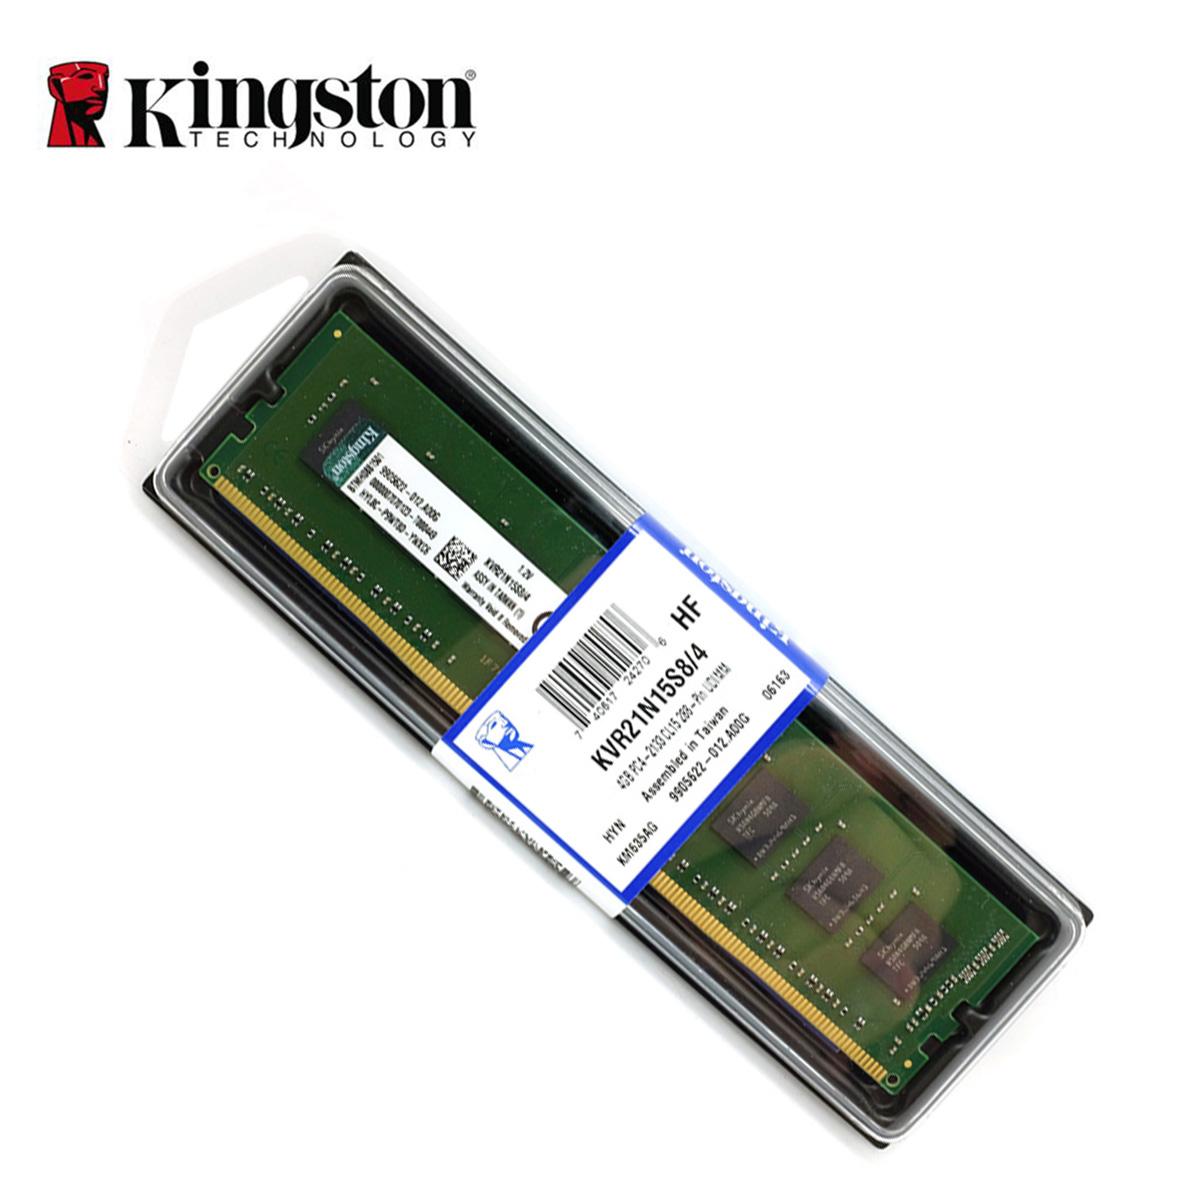 Mémoire Kingston 8Go DDR4 PC17000 2133 MHz CL15, informatique Reunion 974, Futur Réunion informatique